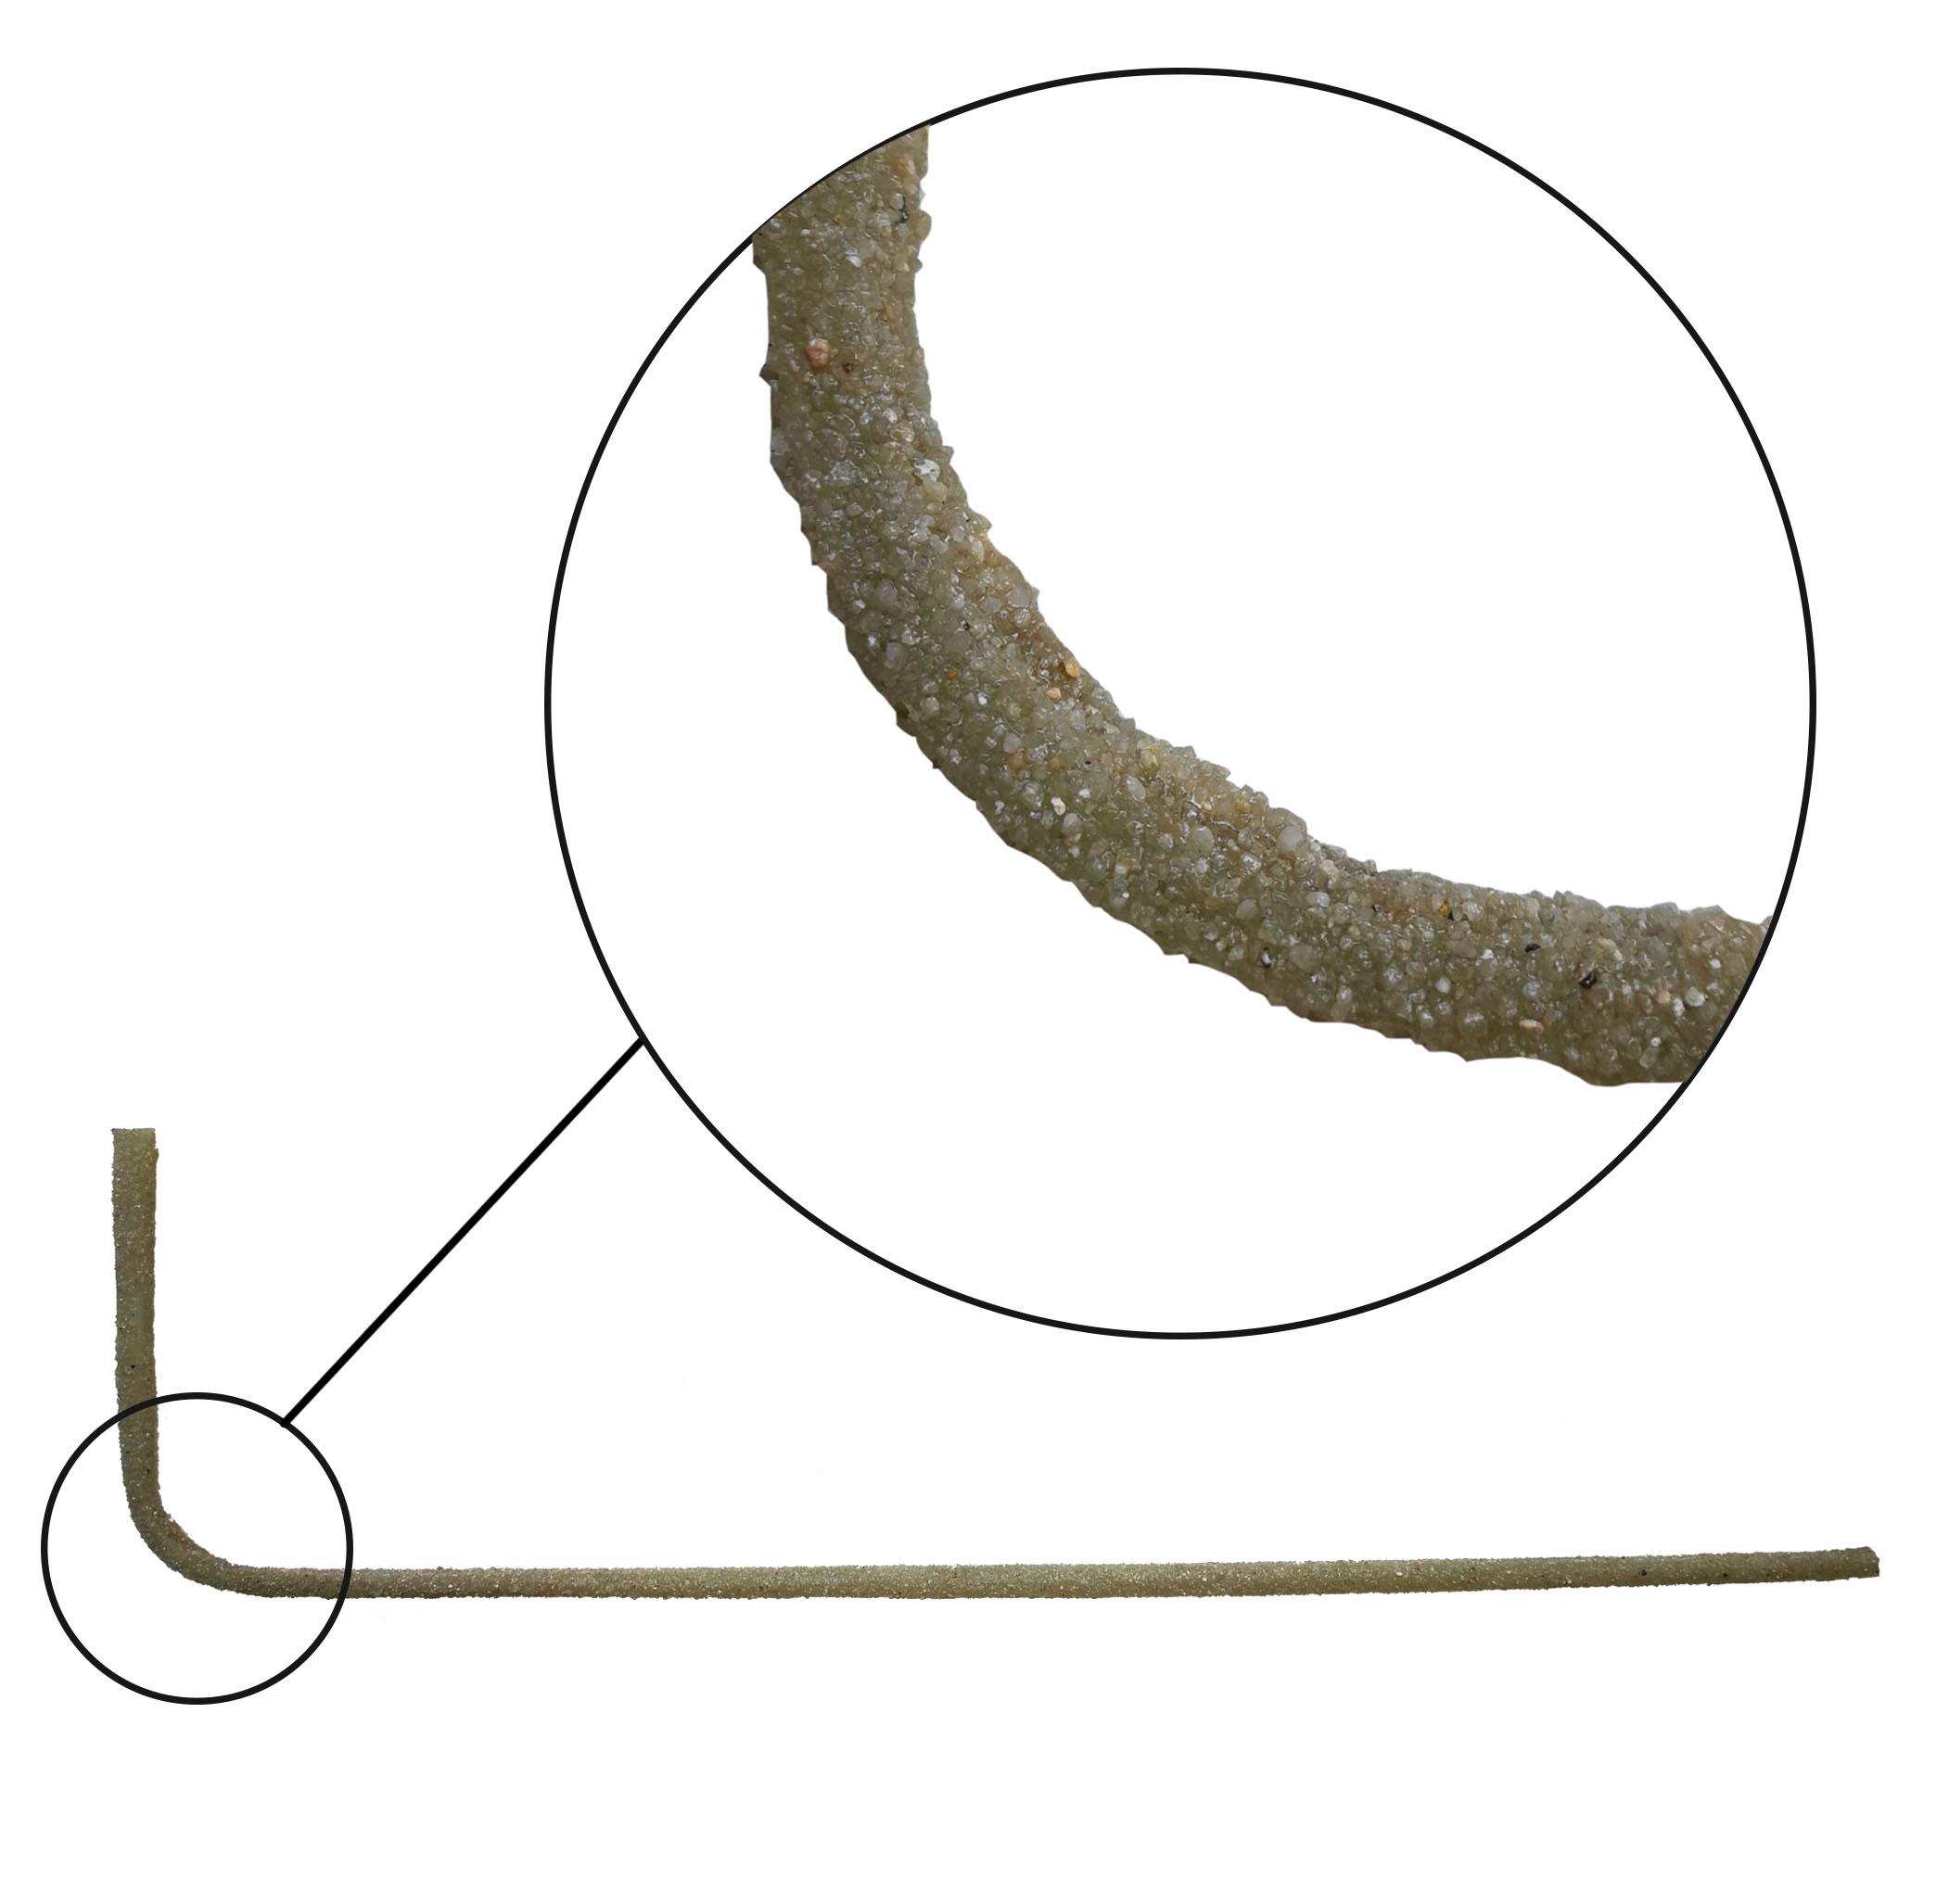 FASSA GLASS CONNECTOR L: Connettore preformato a forma di L costituito da fibre di vetro AR e resina epossidica, irruvidito con quarzo minerale selezionato al fine di garantire una perfetta adesione alla matrice inorganica